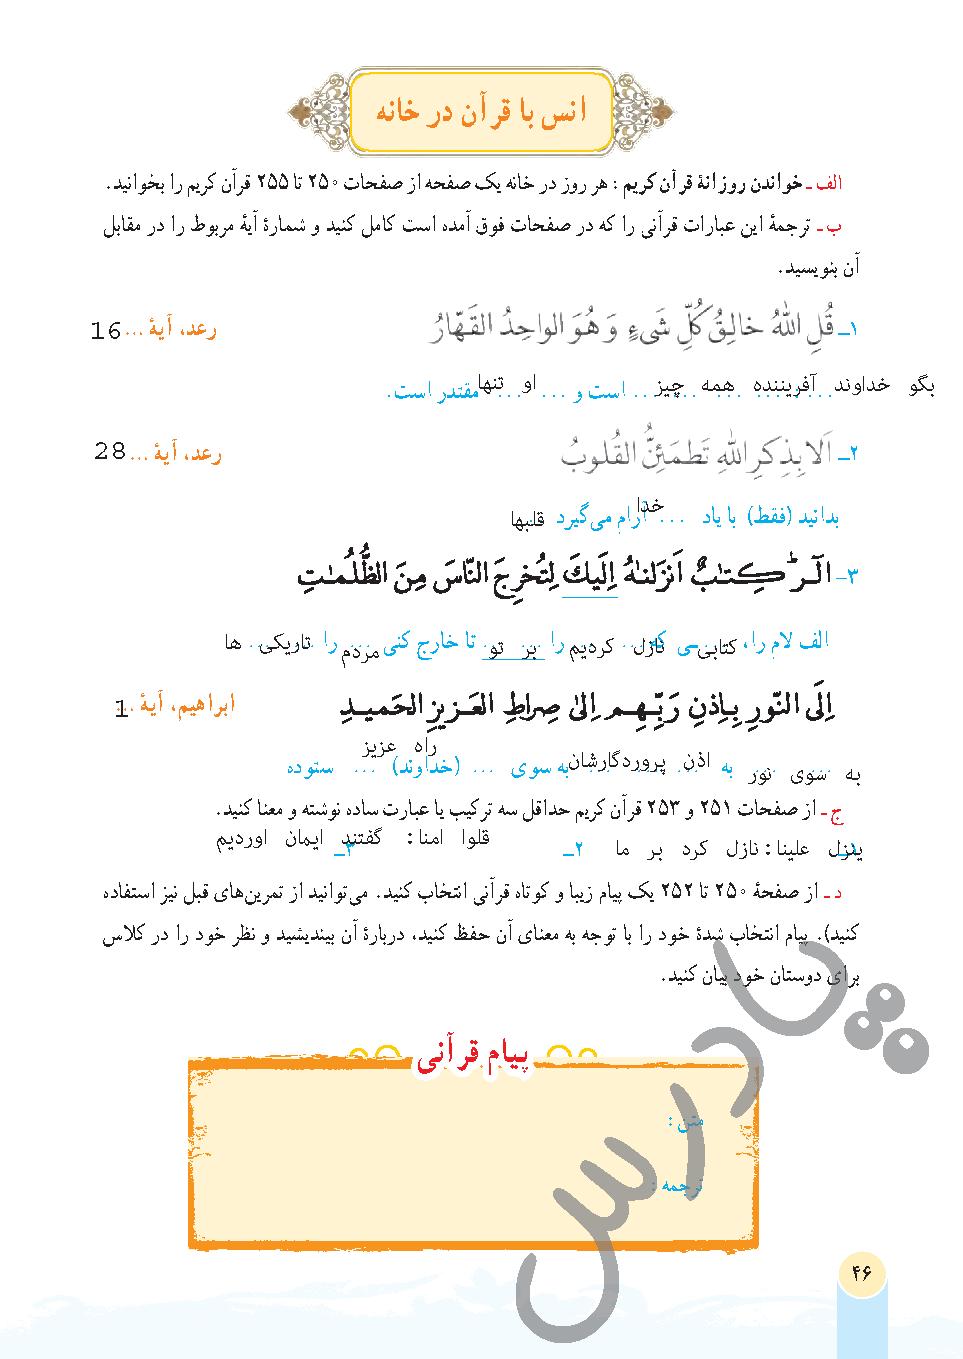 جواب انس با قرآن درس4 قرآن هفتم - جلسه دوم